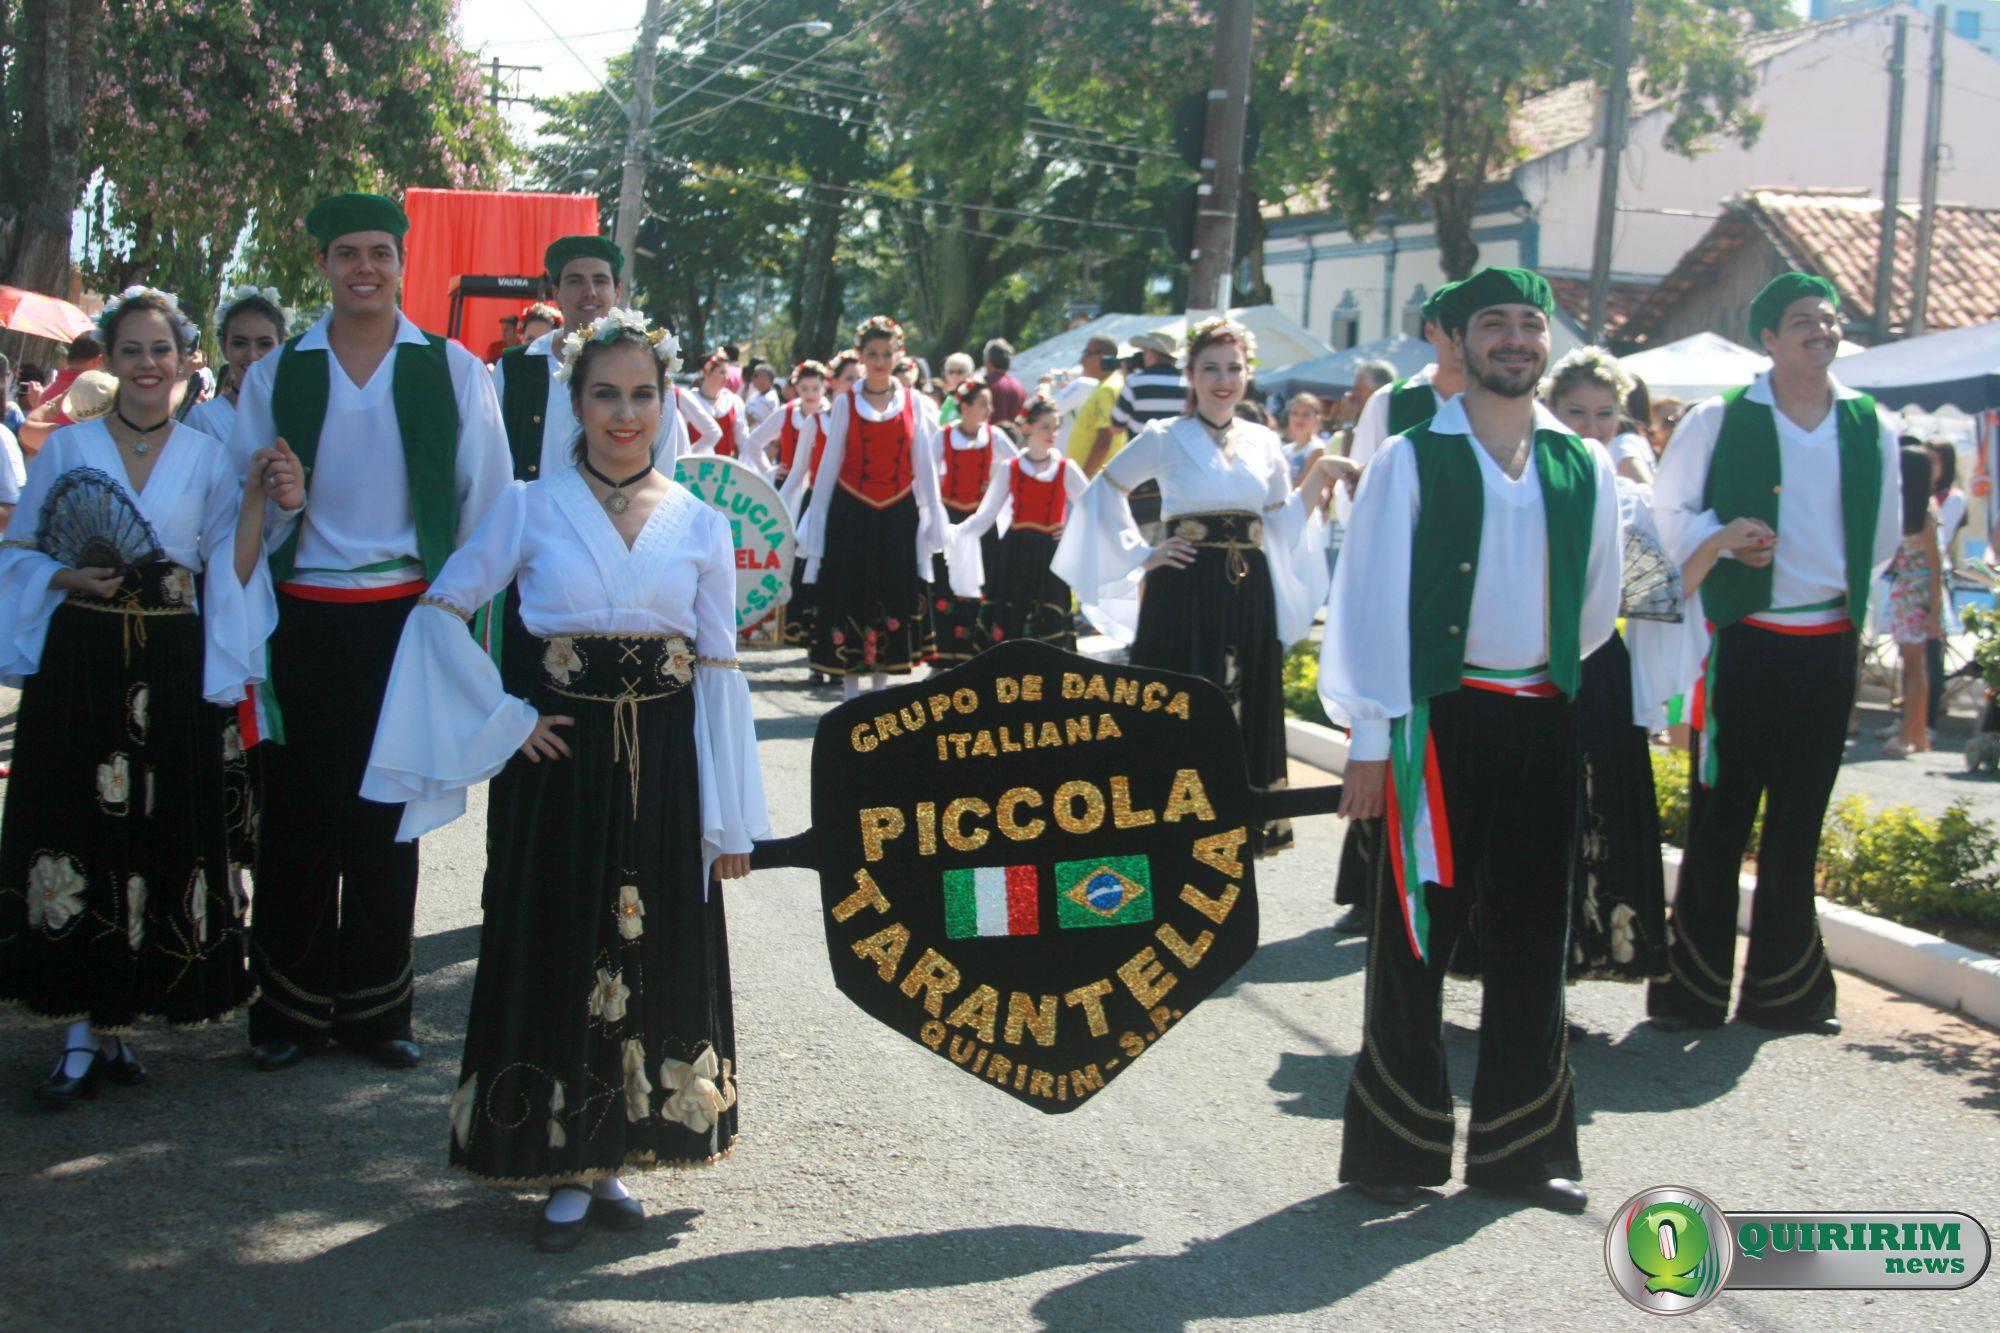 Suficiente Seis coisas que você precisa fazer na Festa Italiana de Quiririm  HV22